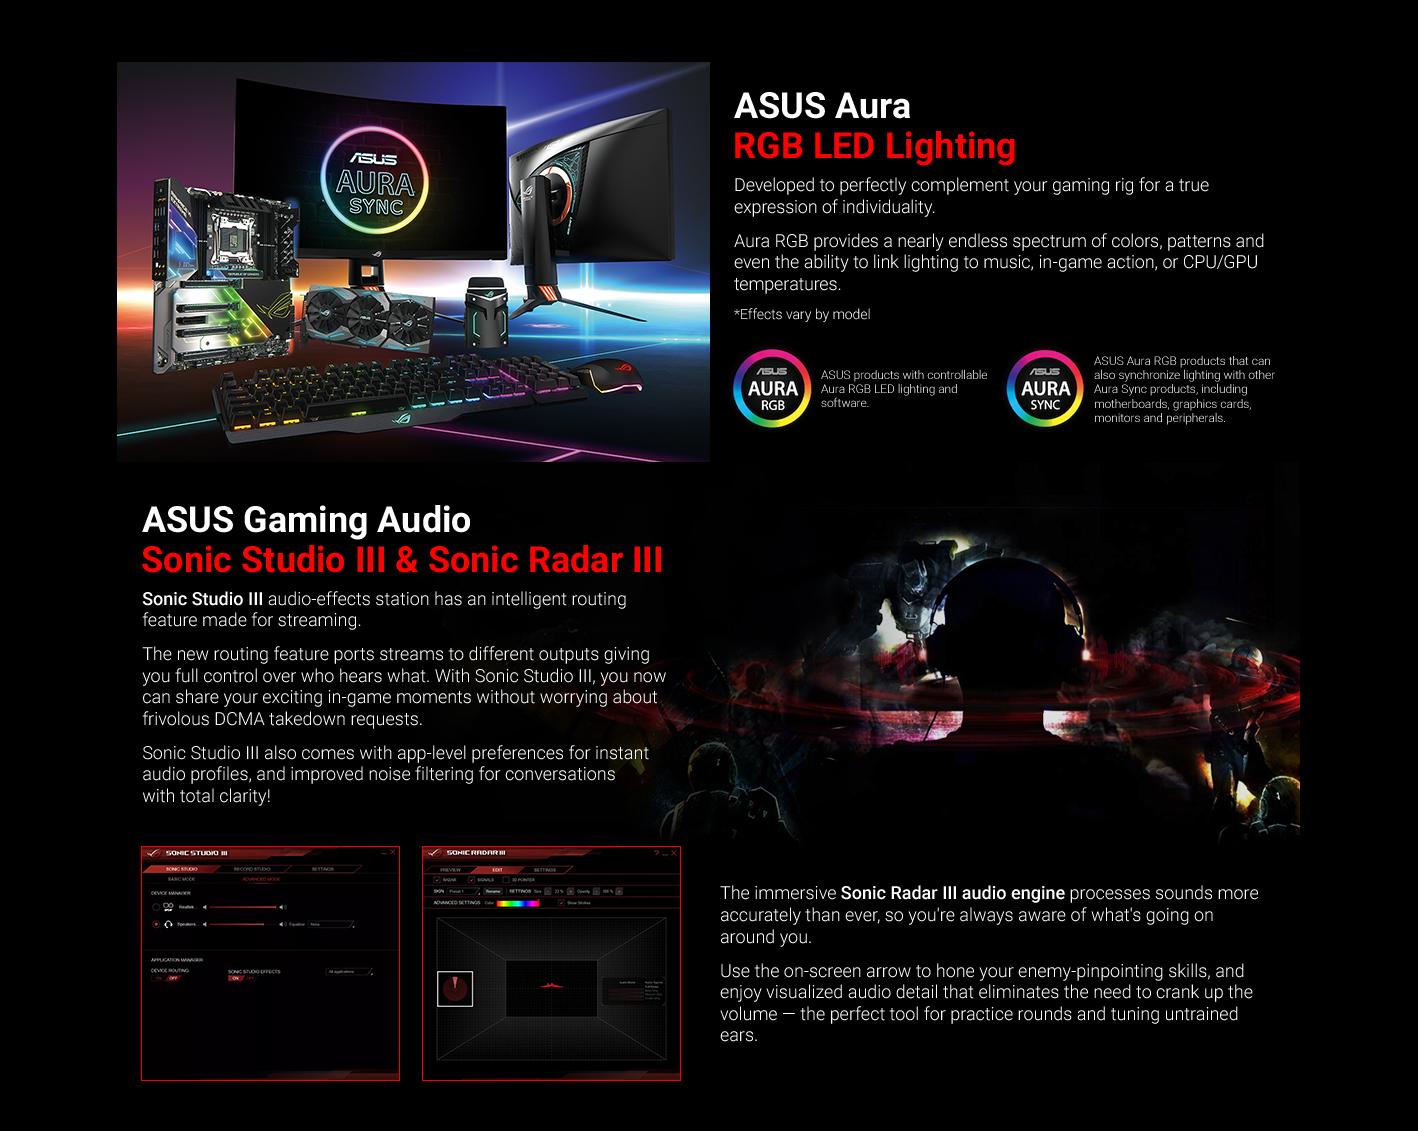 Asus Aura Alternative